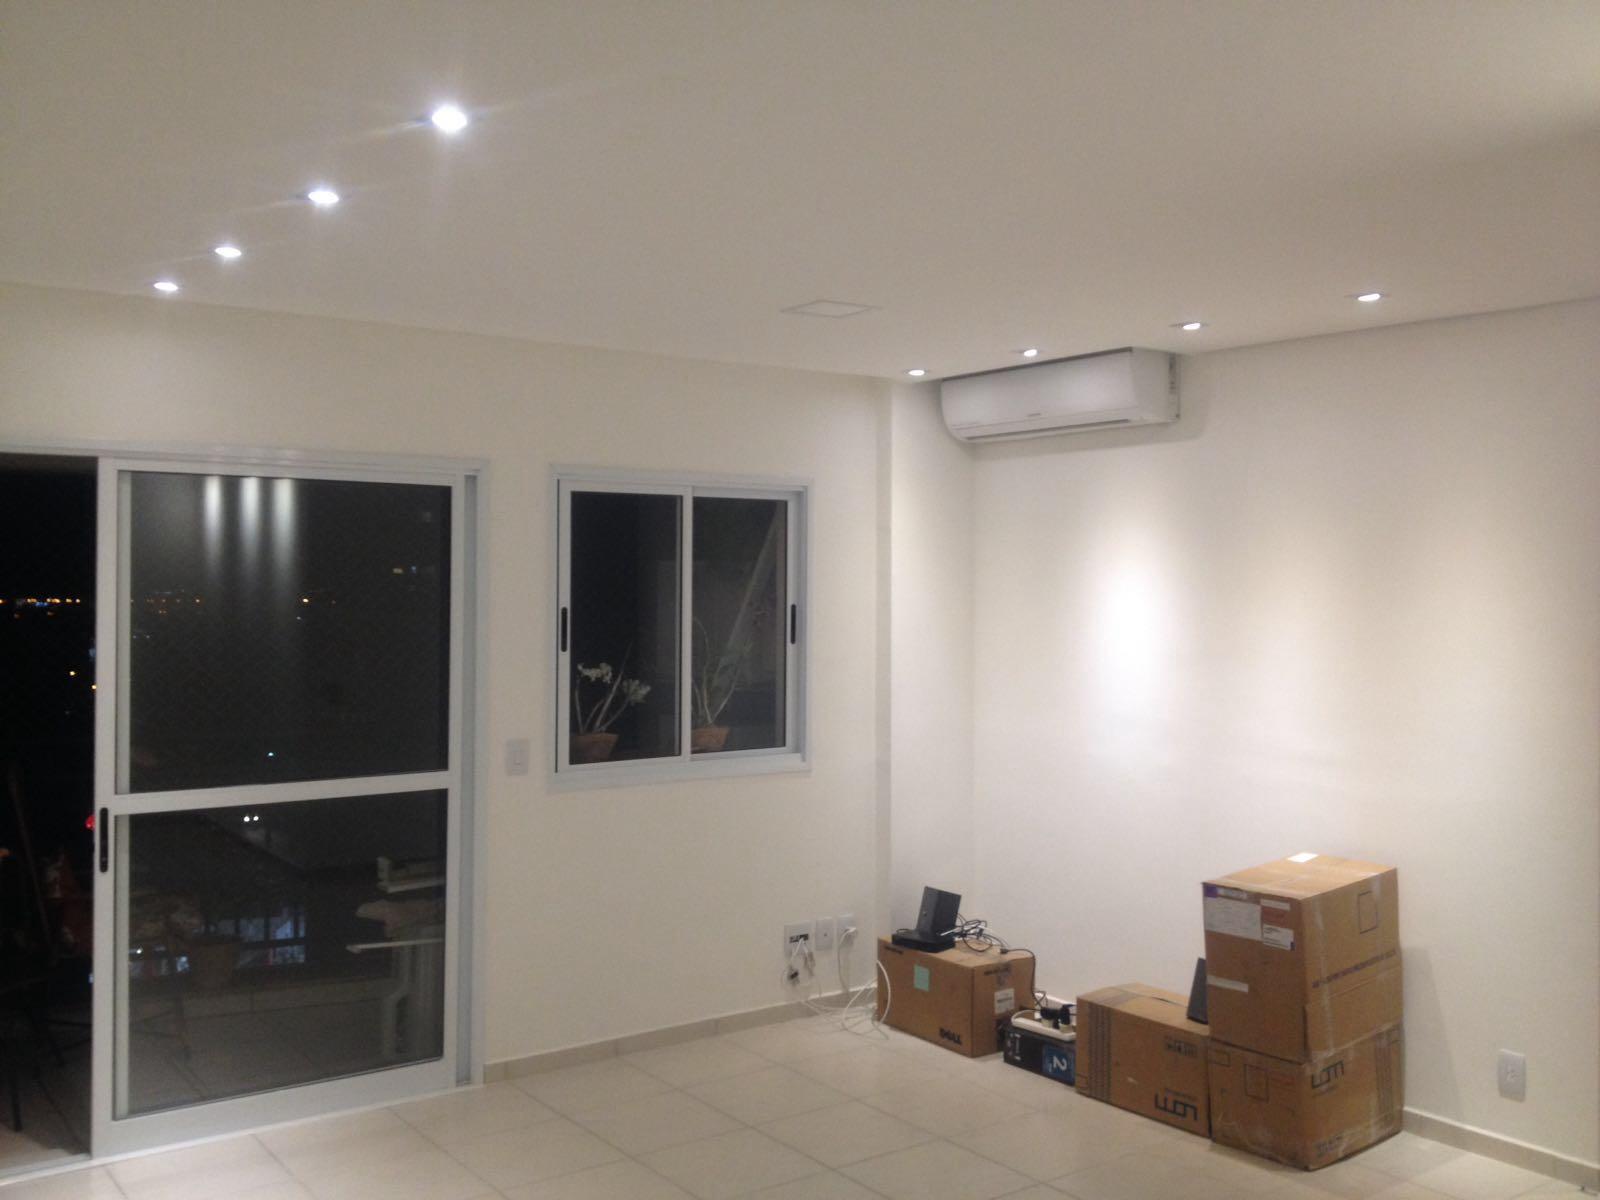 Forro De Gesso Forro De Gesso Sancas E Ilumina O Drywall  -> Forro De Gesso Para Sala De Estar